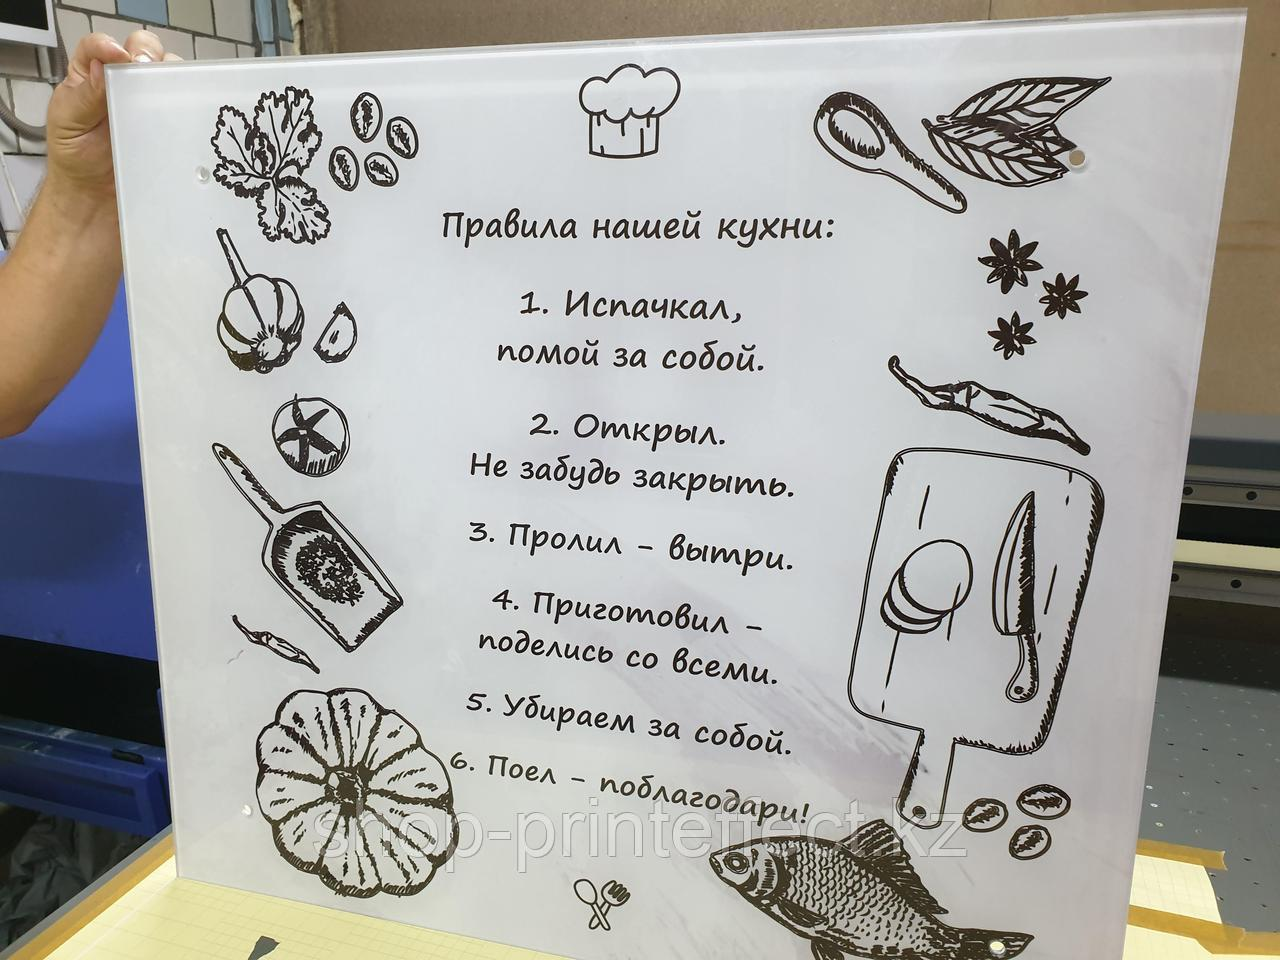 УФ-печать на стекле и  кафельной плитке